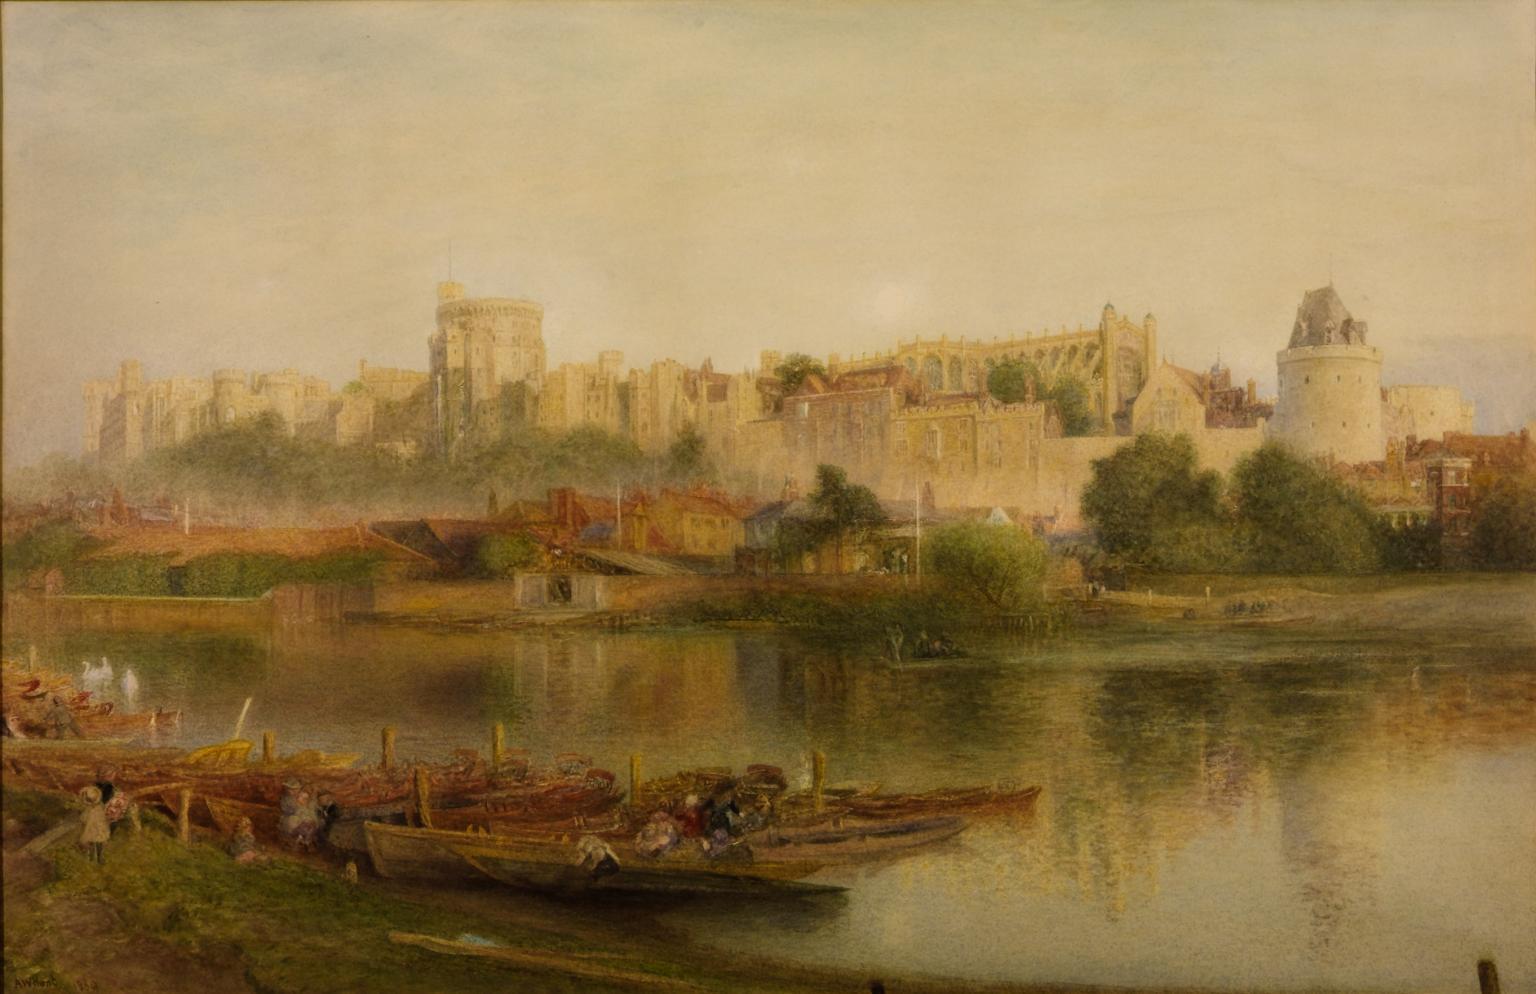 Tranh màu nước lâu đài Windsor bởi tác giả Alfred William Hunt, 1830–1896. (Ảnh: TATE)